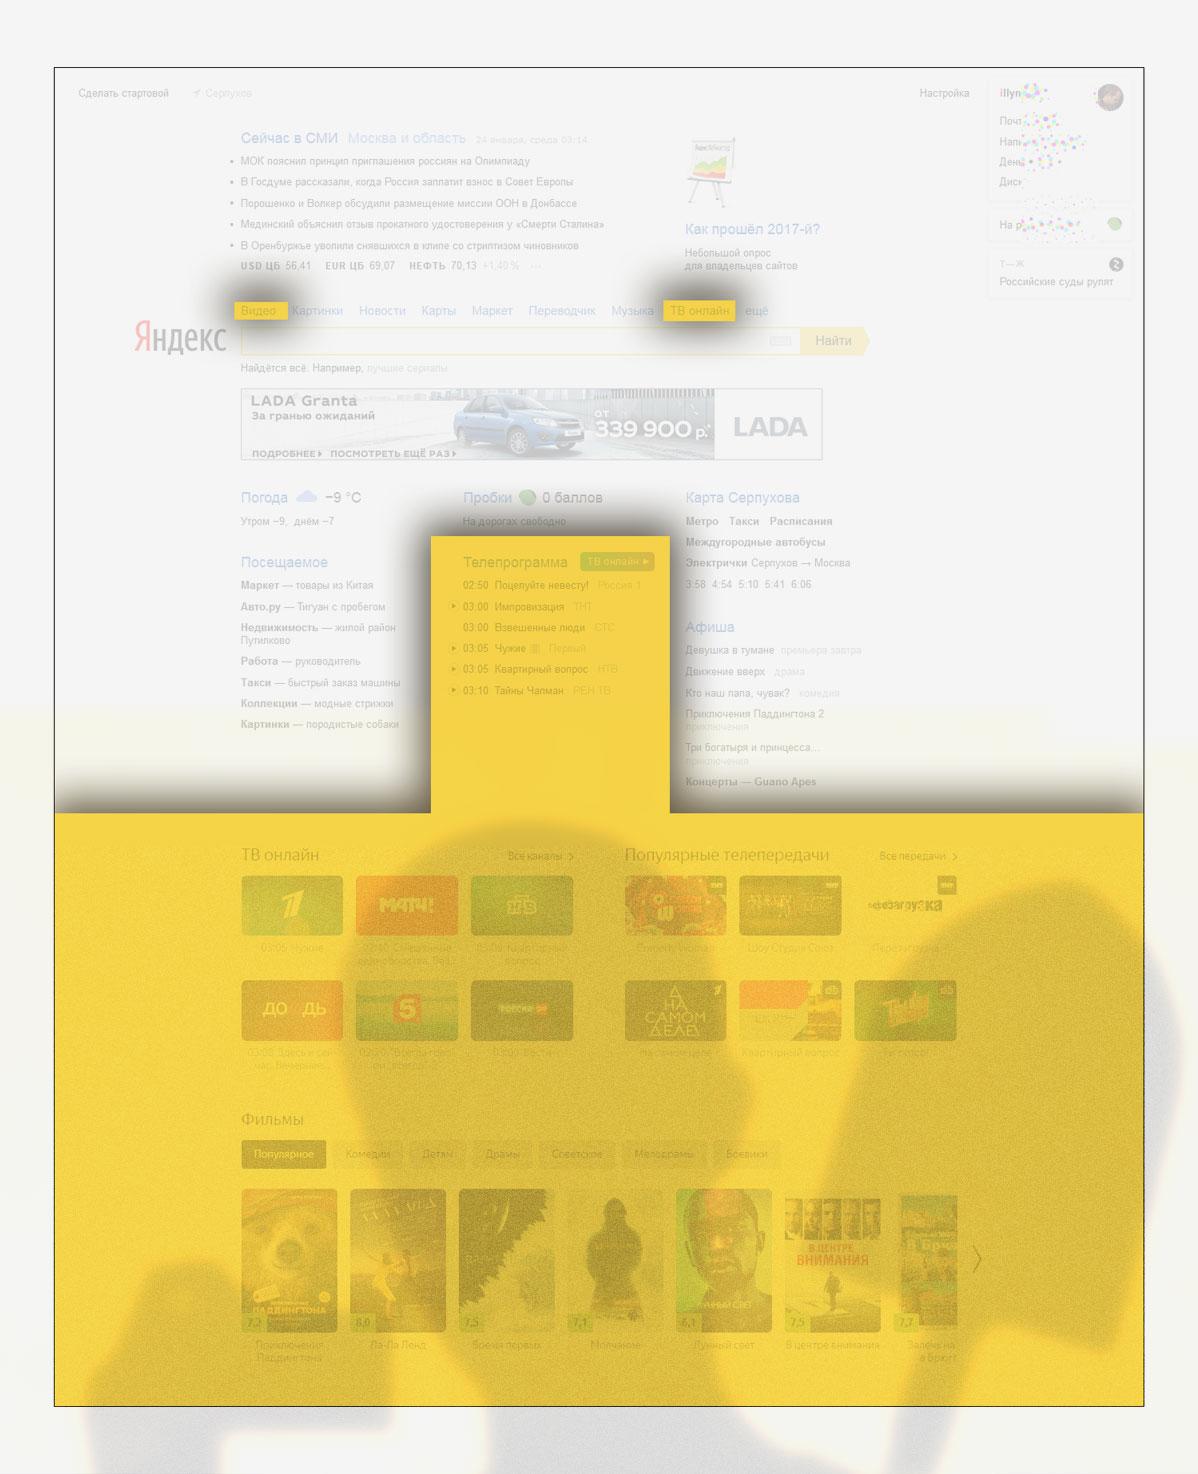 49 процентов Яндекса поисковик отдал по видео, ТВ и кино